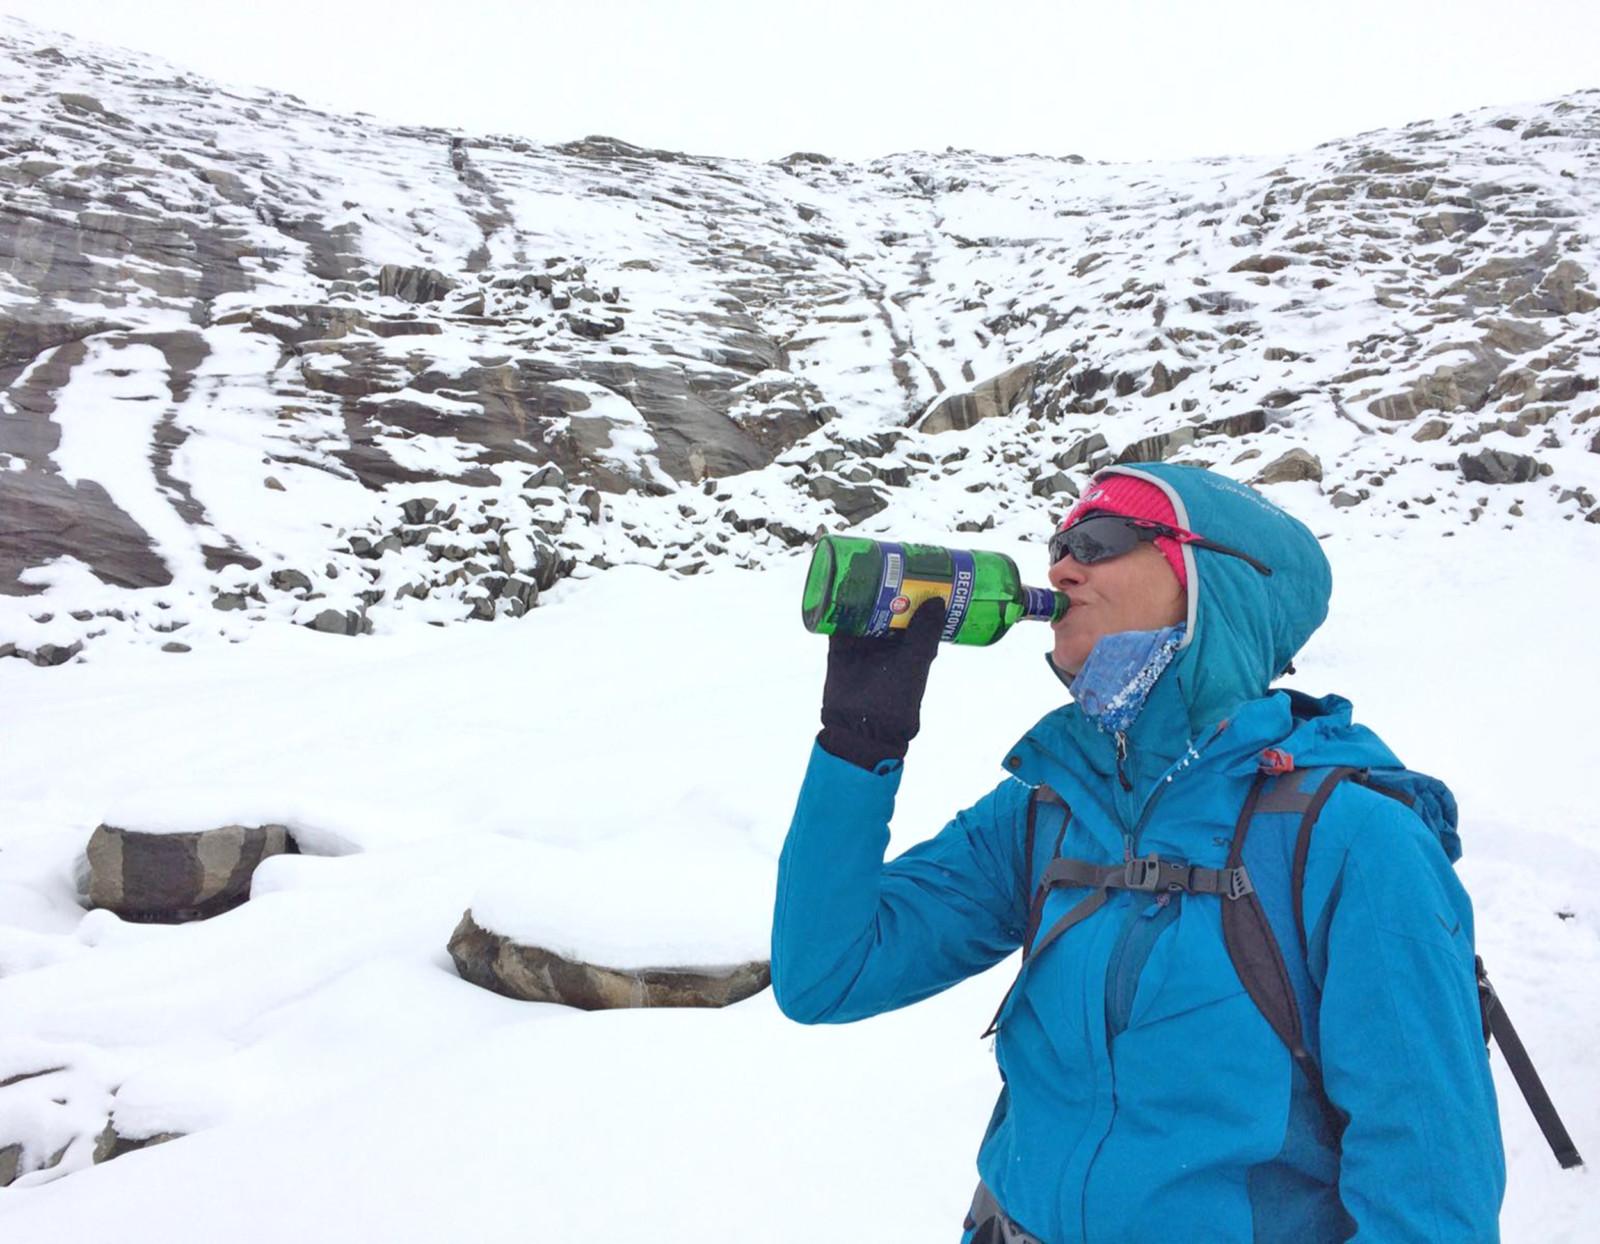 Wir sind wieder herunten vom Gletscher. Da haben wir uns jetzt aber wirklich unseren Schluck Schnaps verdient. (Foto: Christina Geyer)